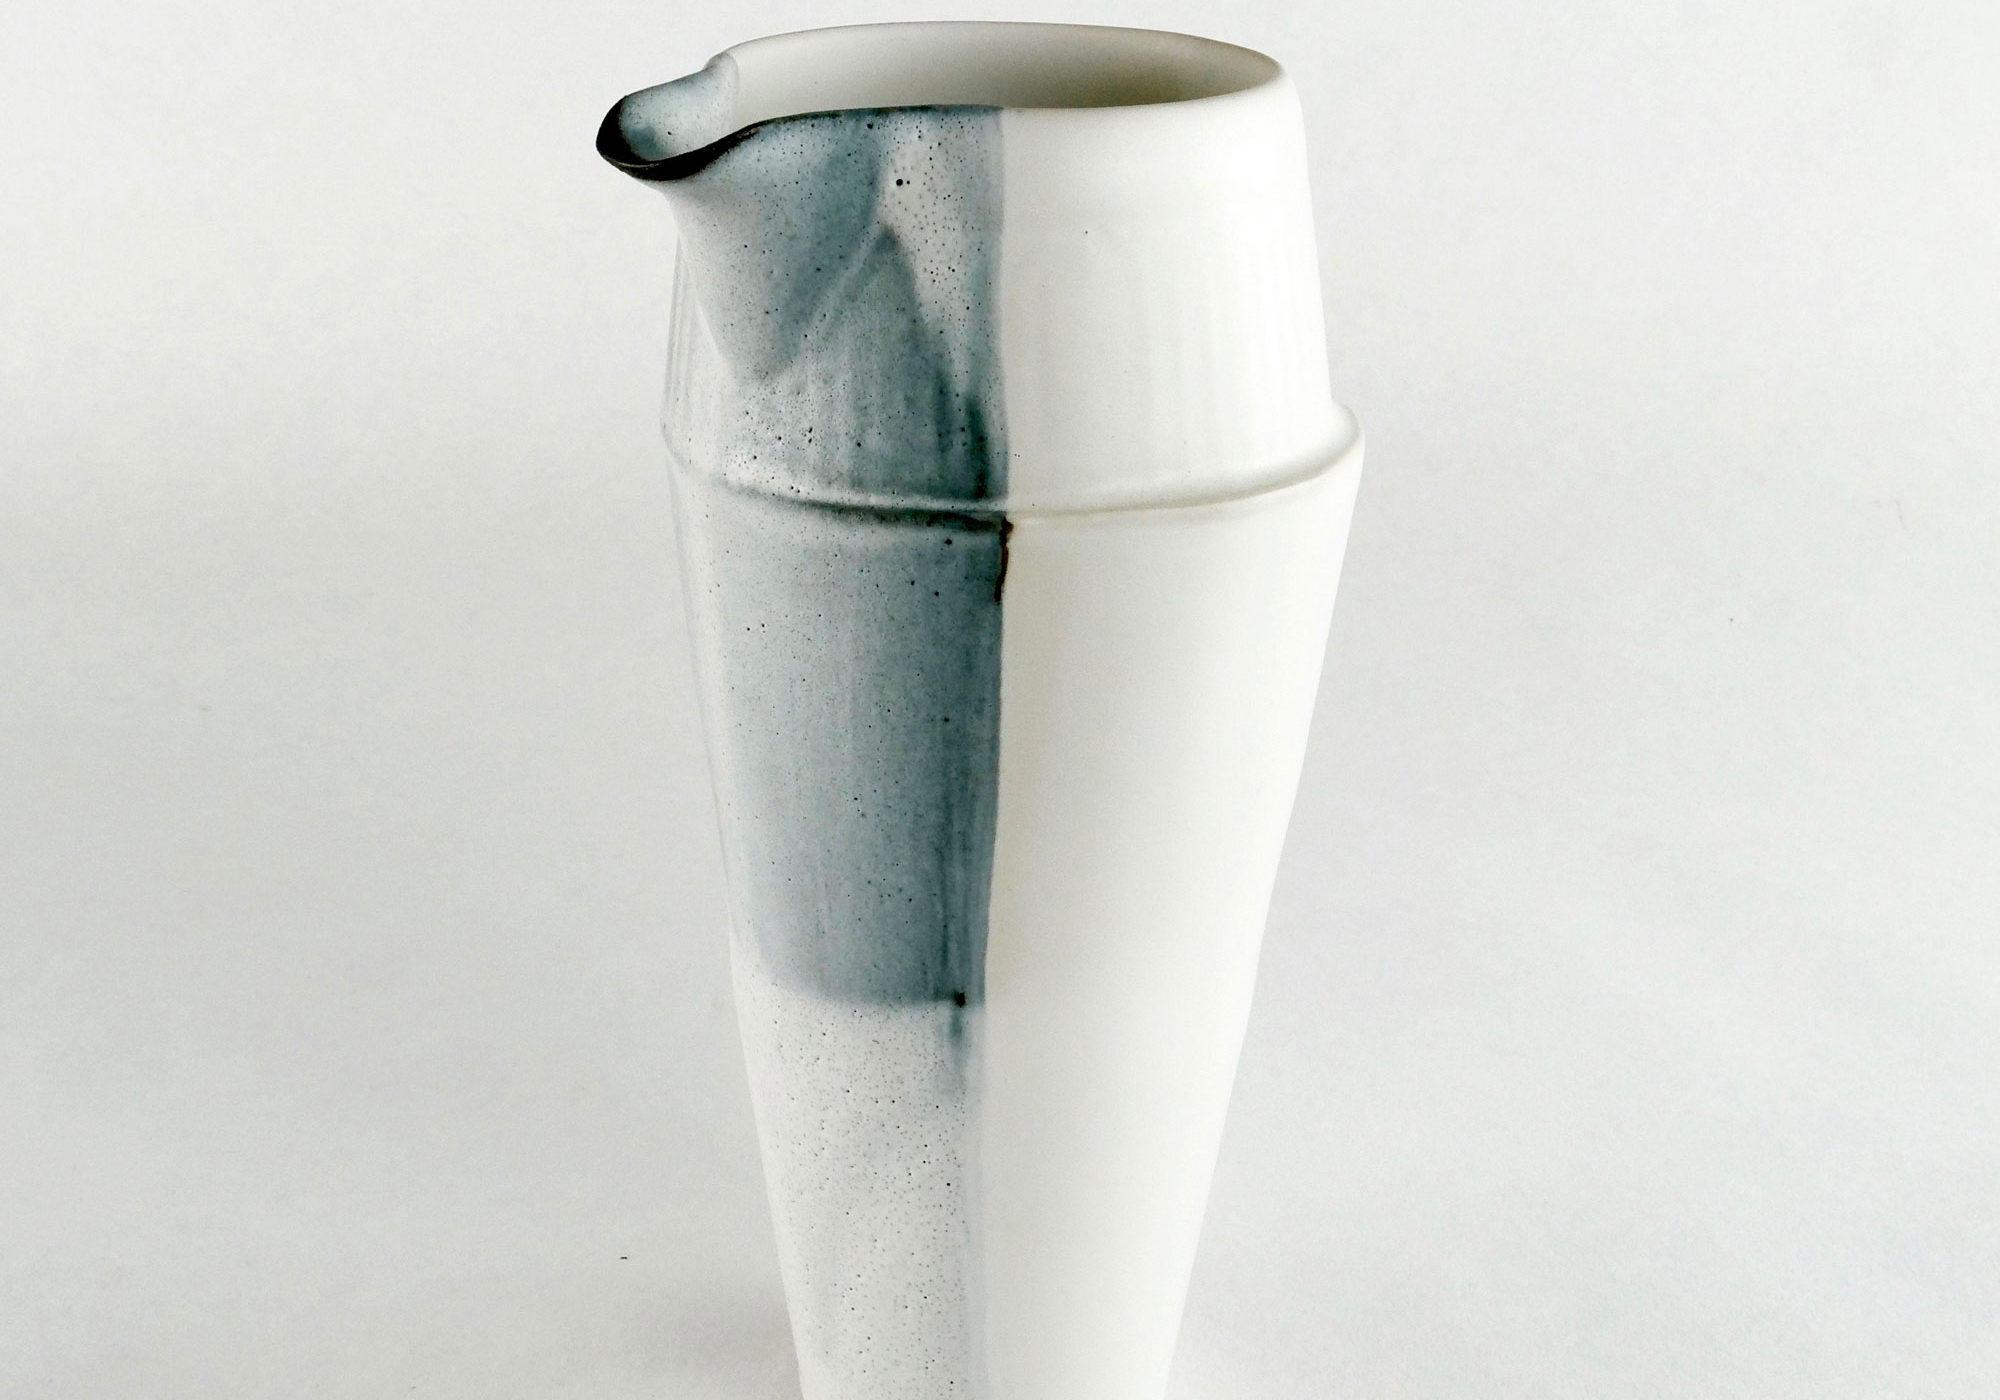 06.pichet-aline-lafollie-ceramique-poterie